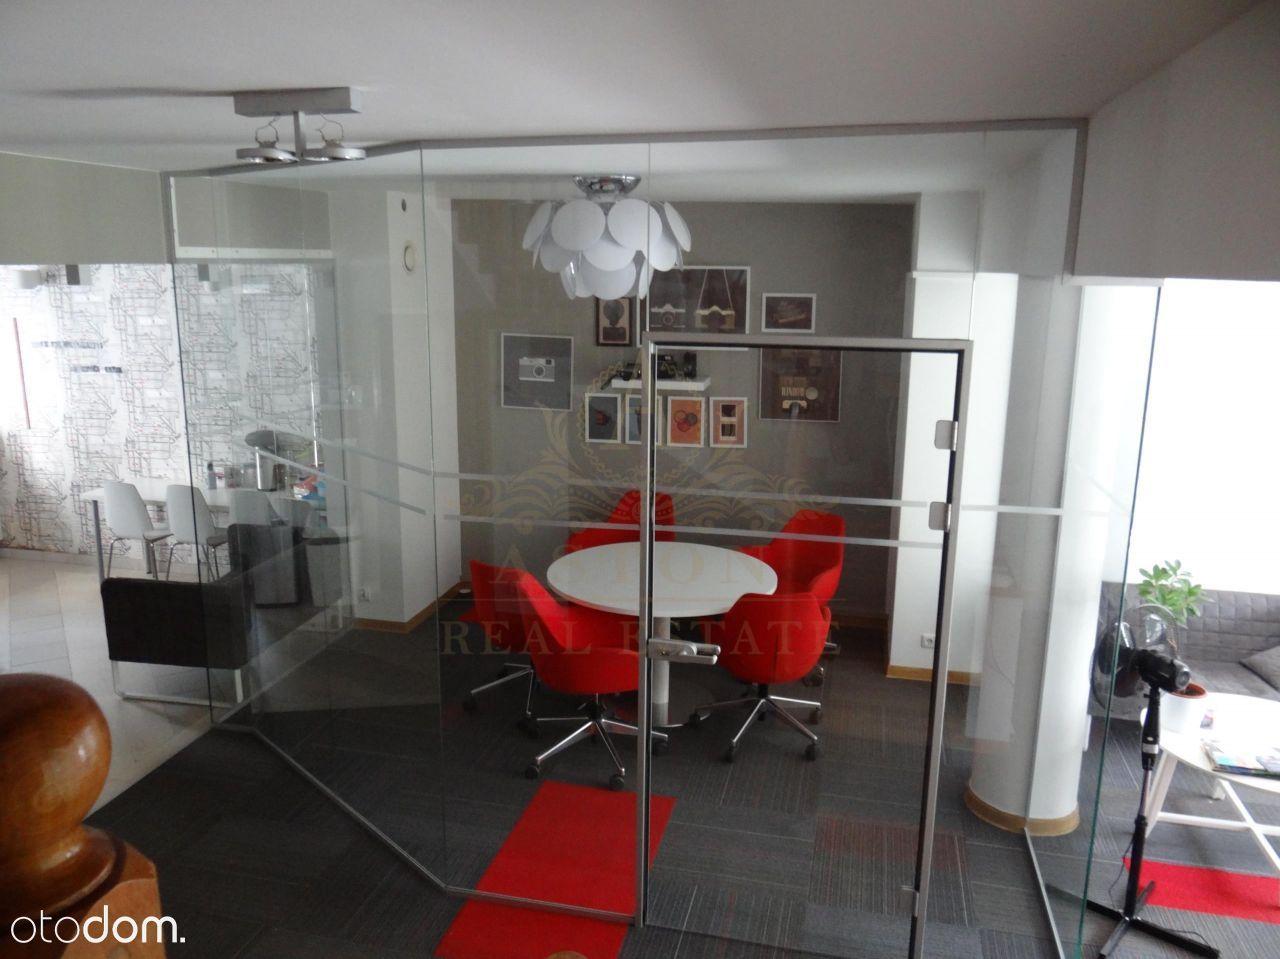 8 Pokoje Dom Na Wynajem Warszawa Praga Południe Saska Kępa 59408835 Wwwotodompl